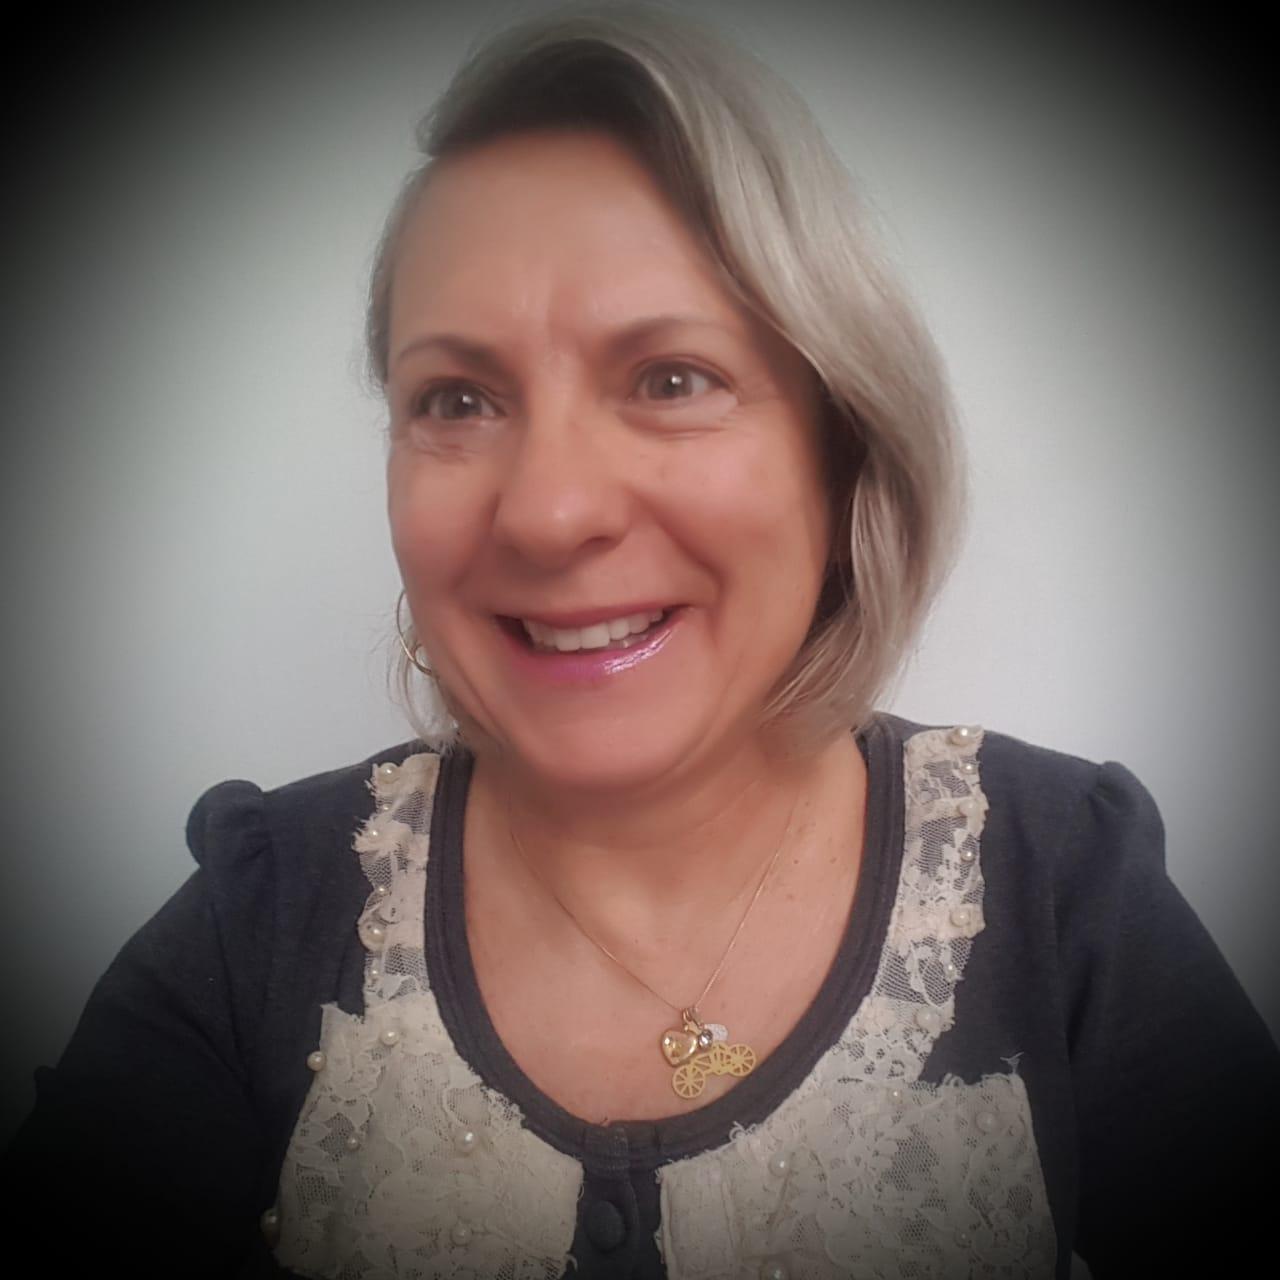 Denise Flesch